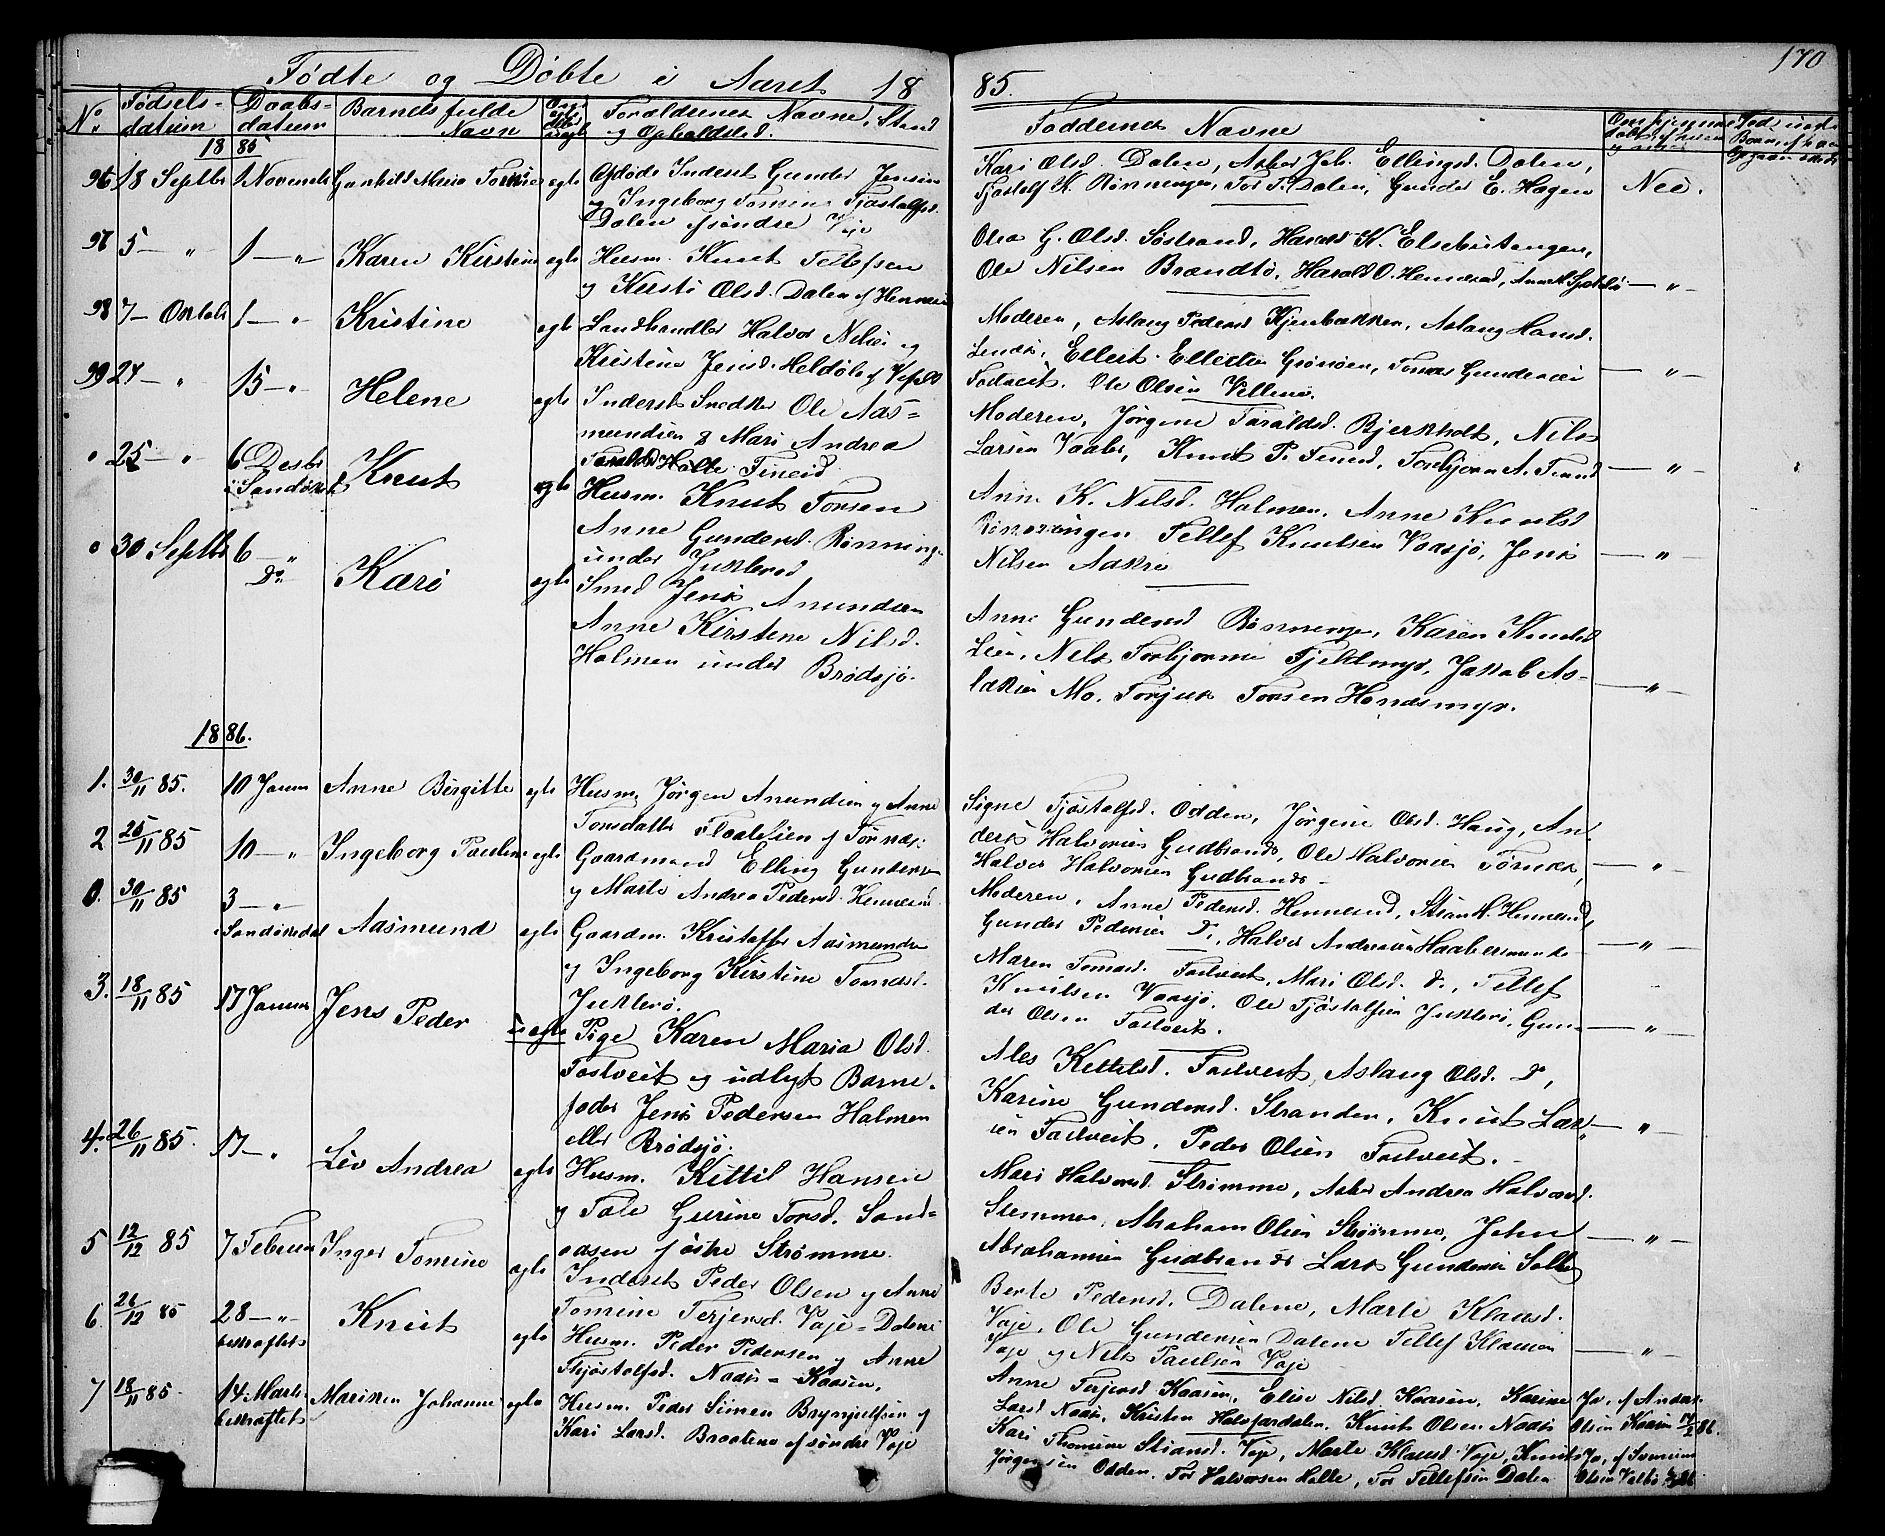 SAKO, Drangedal kirkebøker, G/Ga/L0002: Klokkerbok nr. I 2, 1856-1887, s. 170